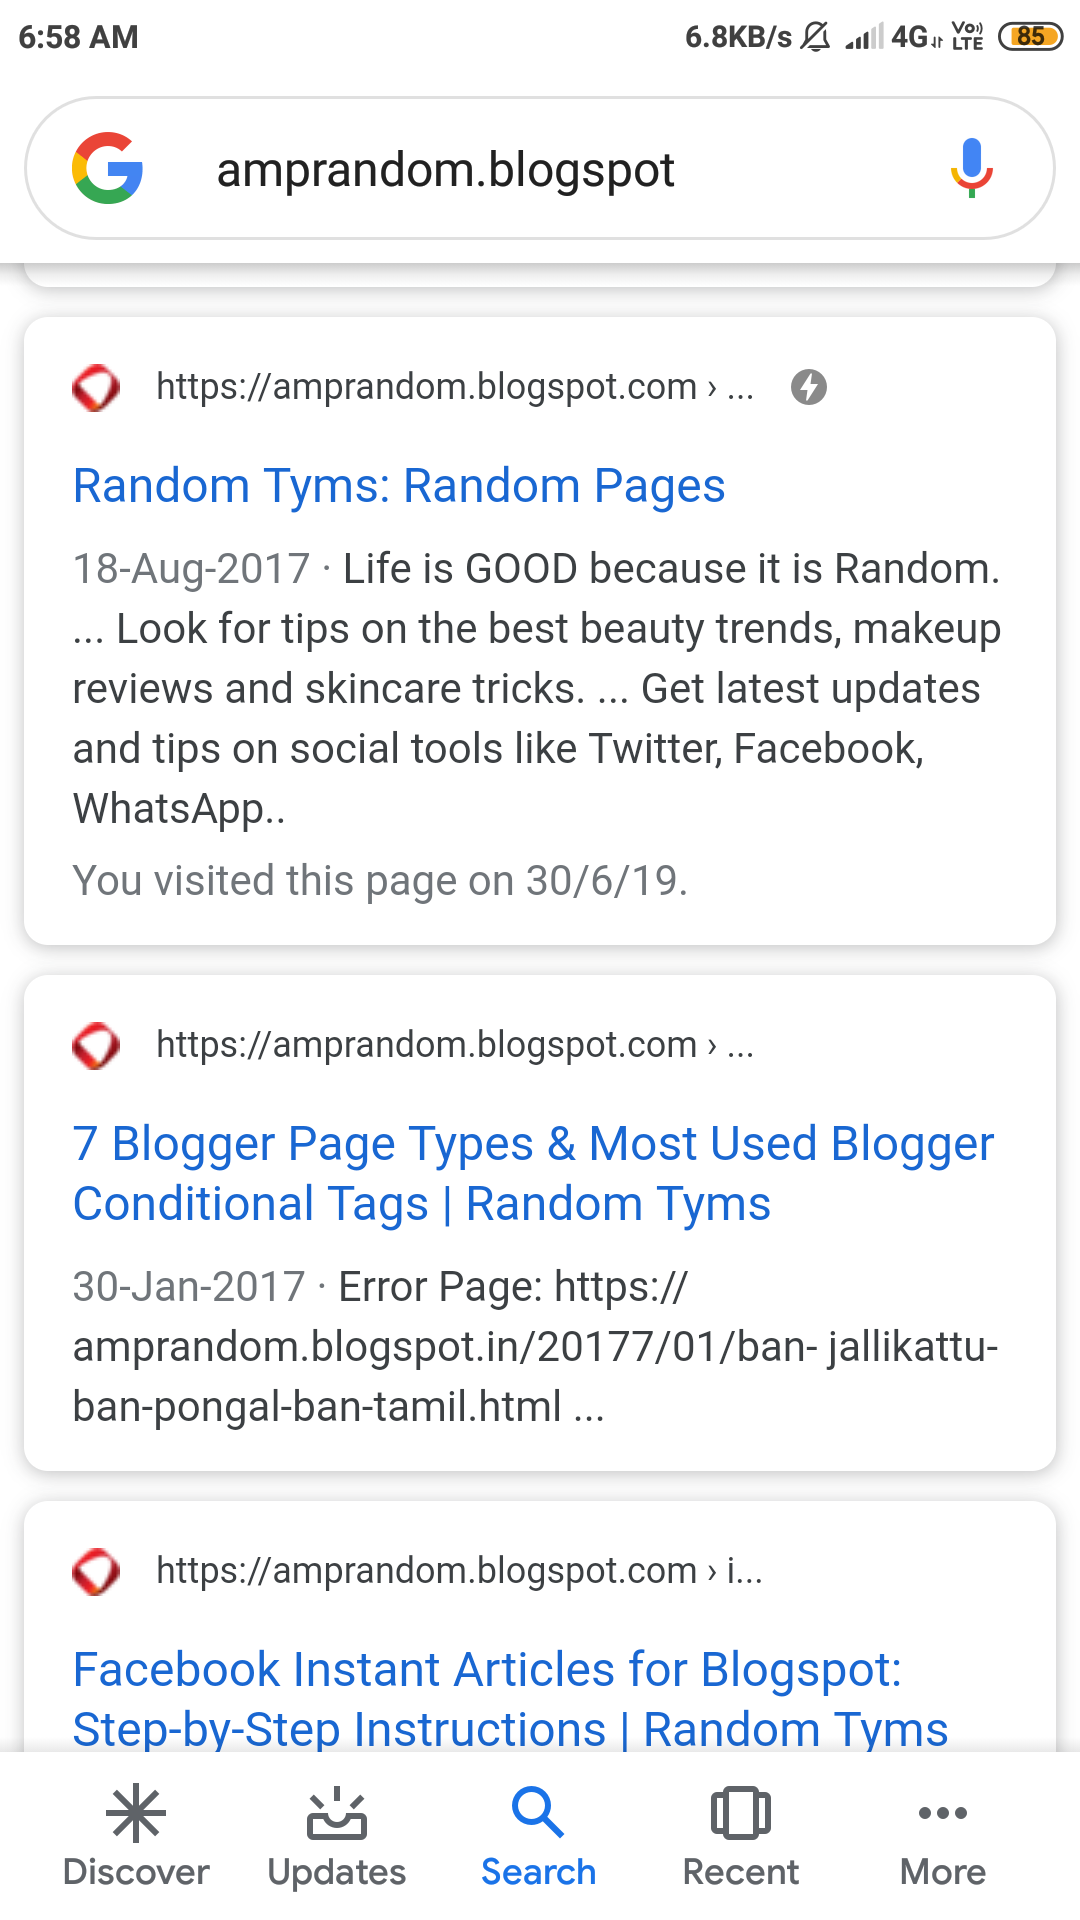 How to make AMP for blogger like amprandom blogspot